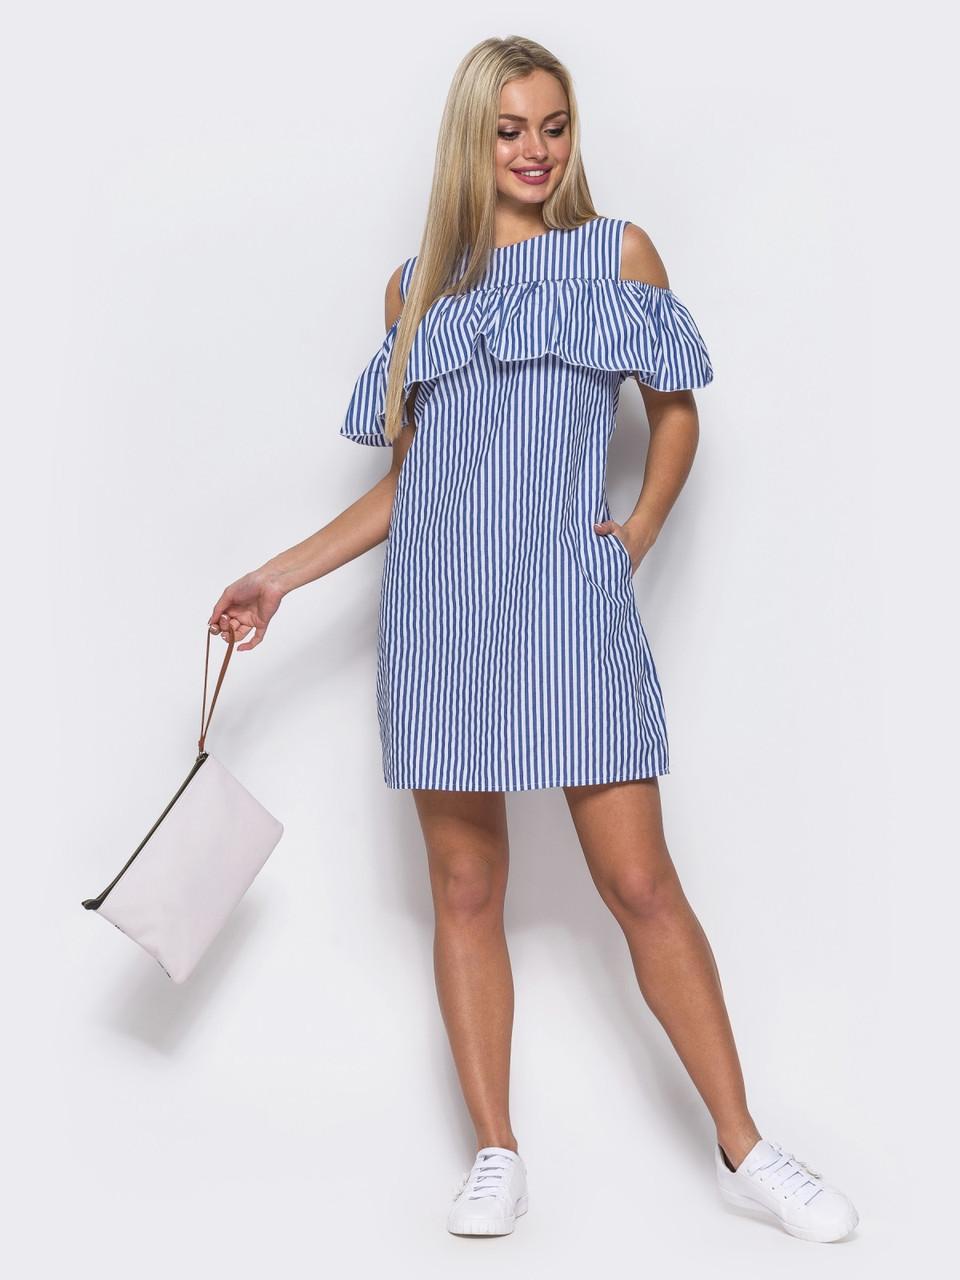 a46bbb03ba5 📍Нежное платье в полоску с вырезами на плечах (голубое